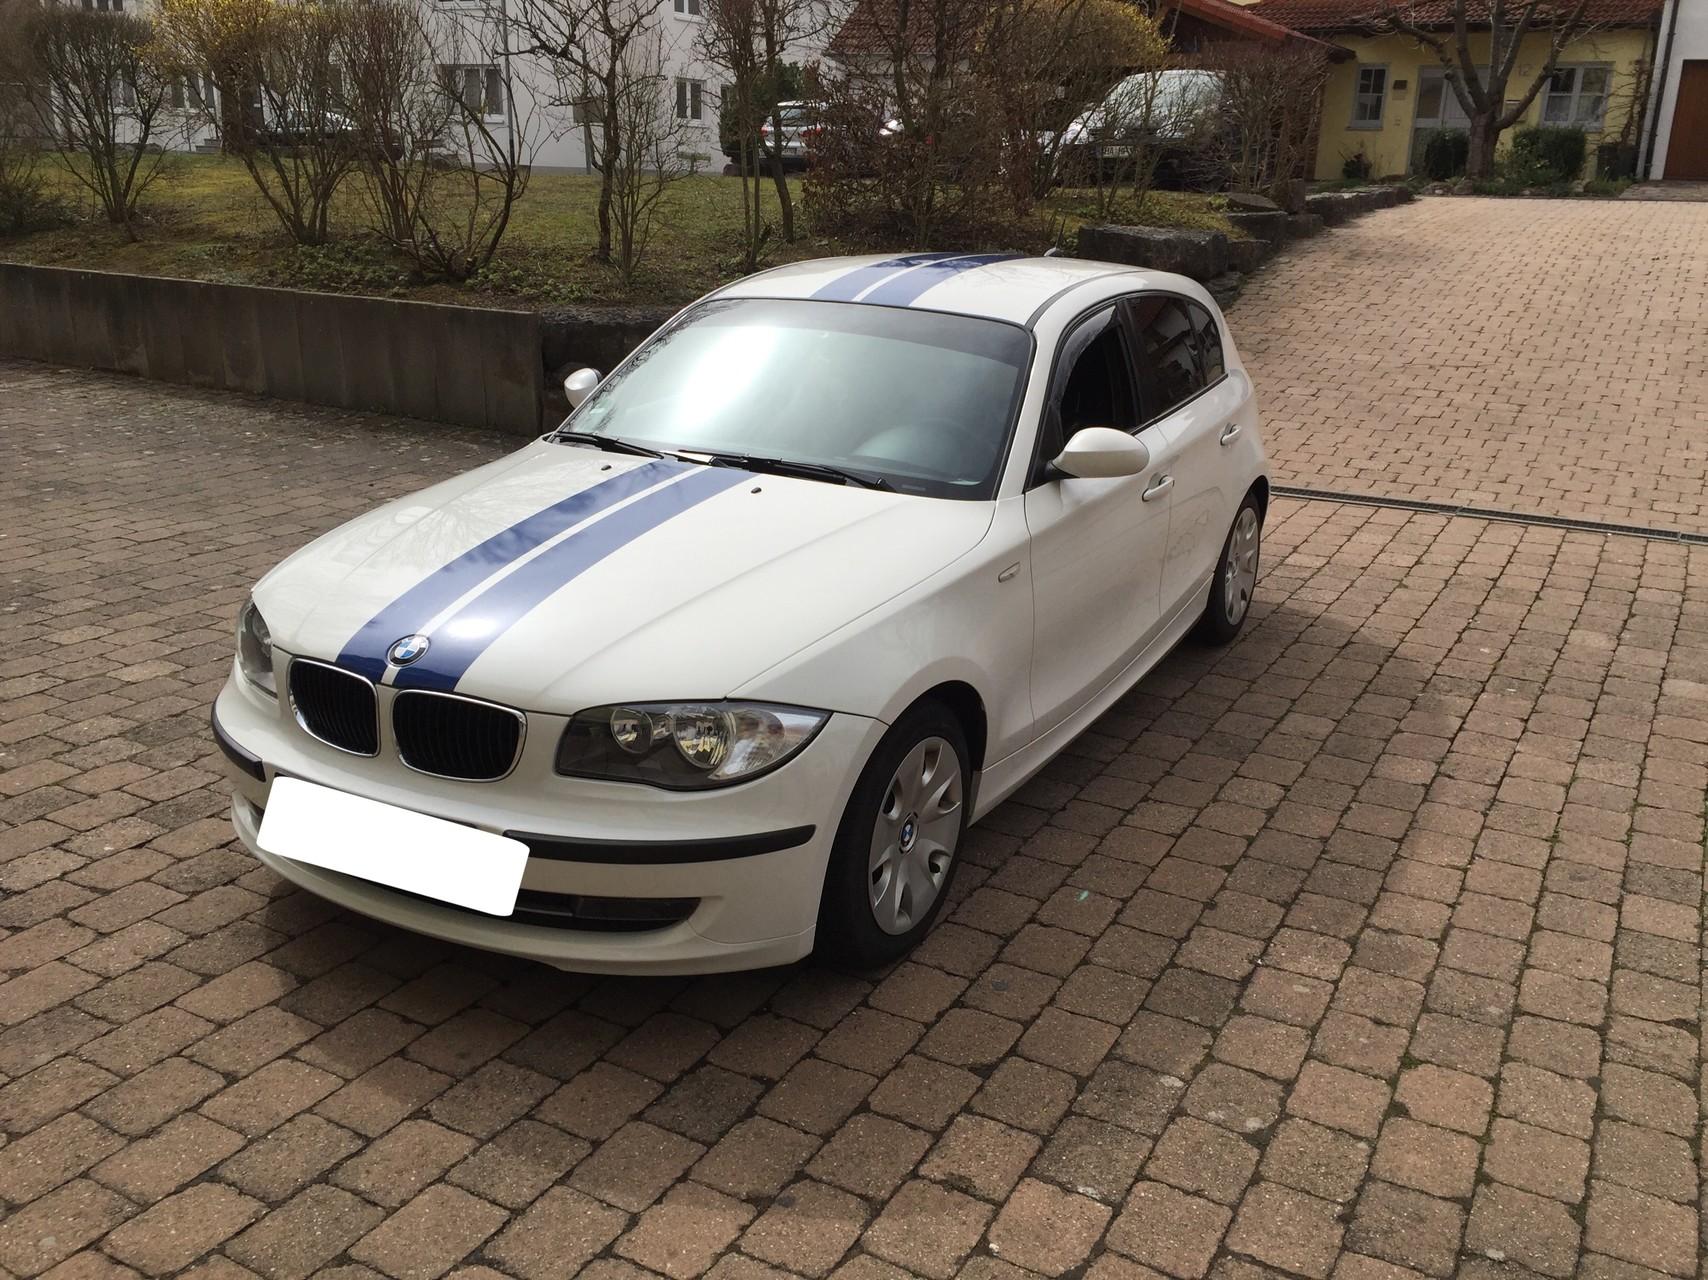 BMW 1er Viperstreifen Folierung und Scheibentönung 5% + Blendstreifen auf der Frontscheibe